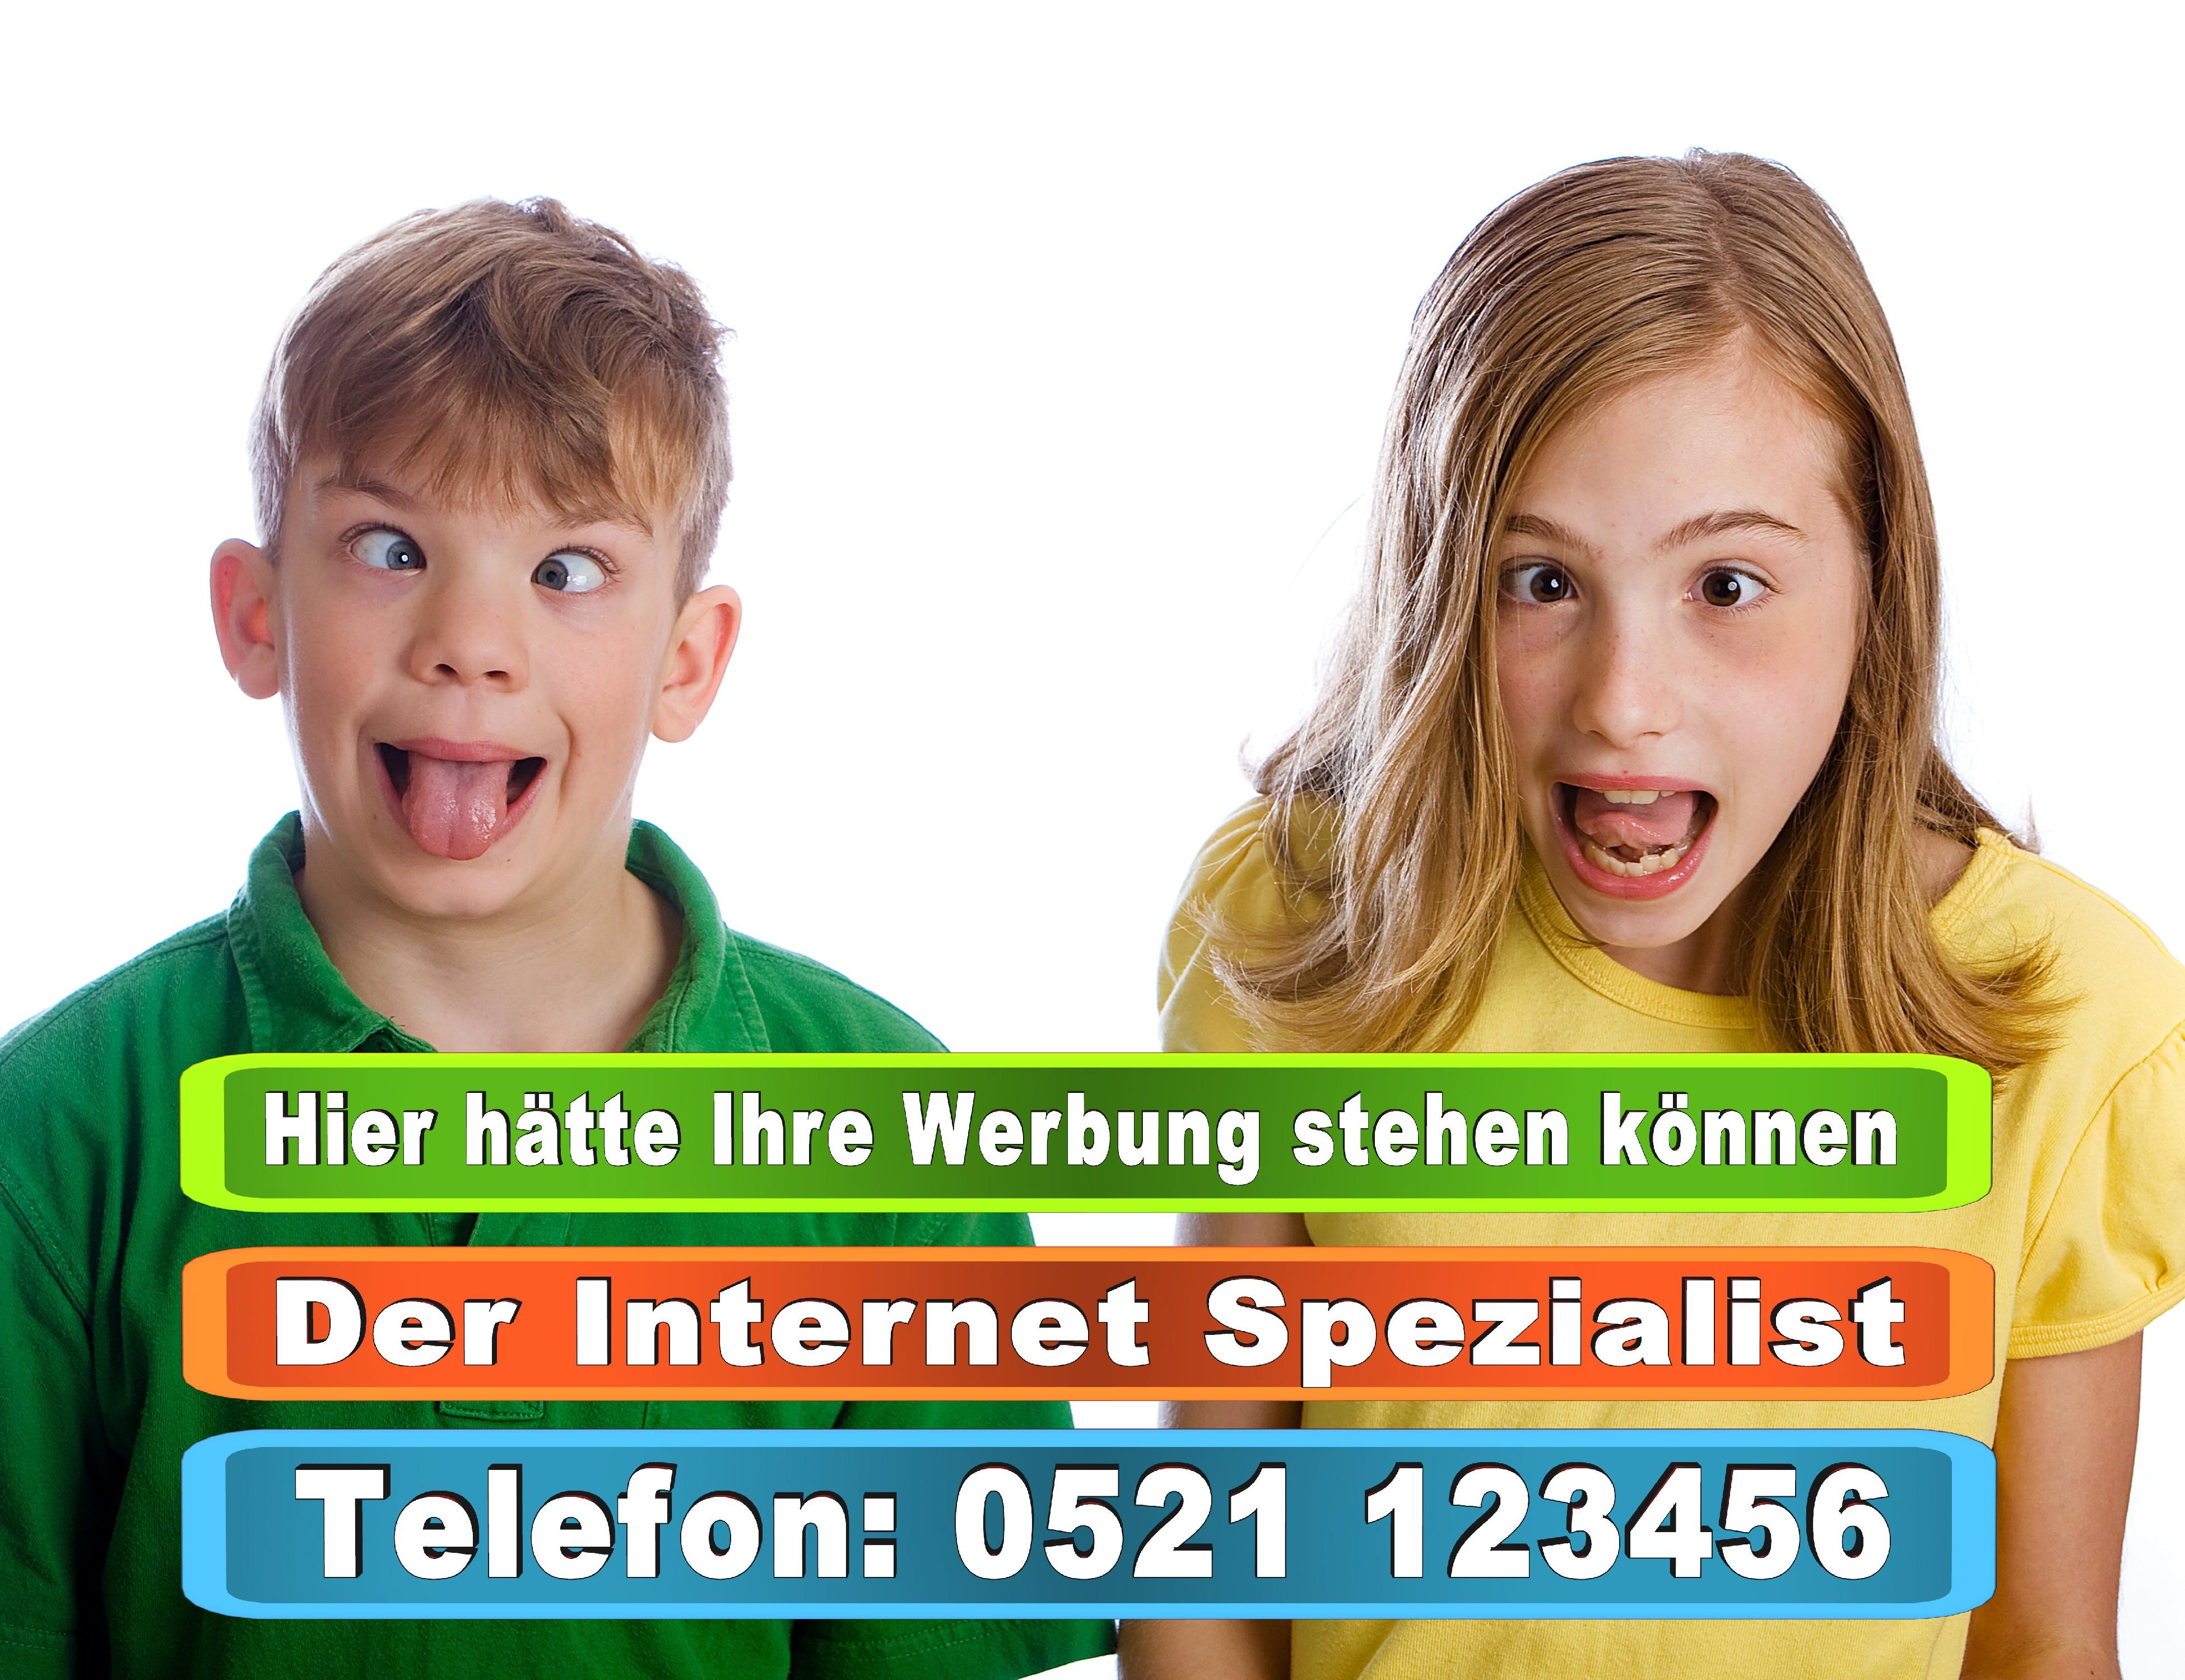 Bielefeld Werbung Werbeanzeigen Zeitungen Bielefeld OWL NRW Demonstrationen Polizei Bielefeld Kleinanzeigen Bielefeld Berlin Hamburg Köln (13)